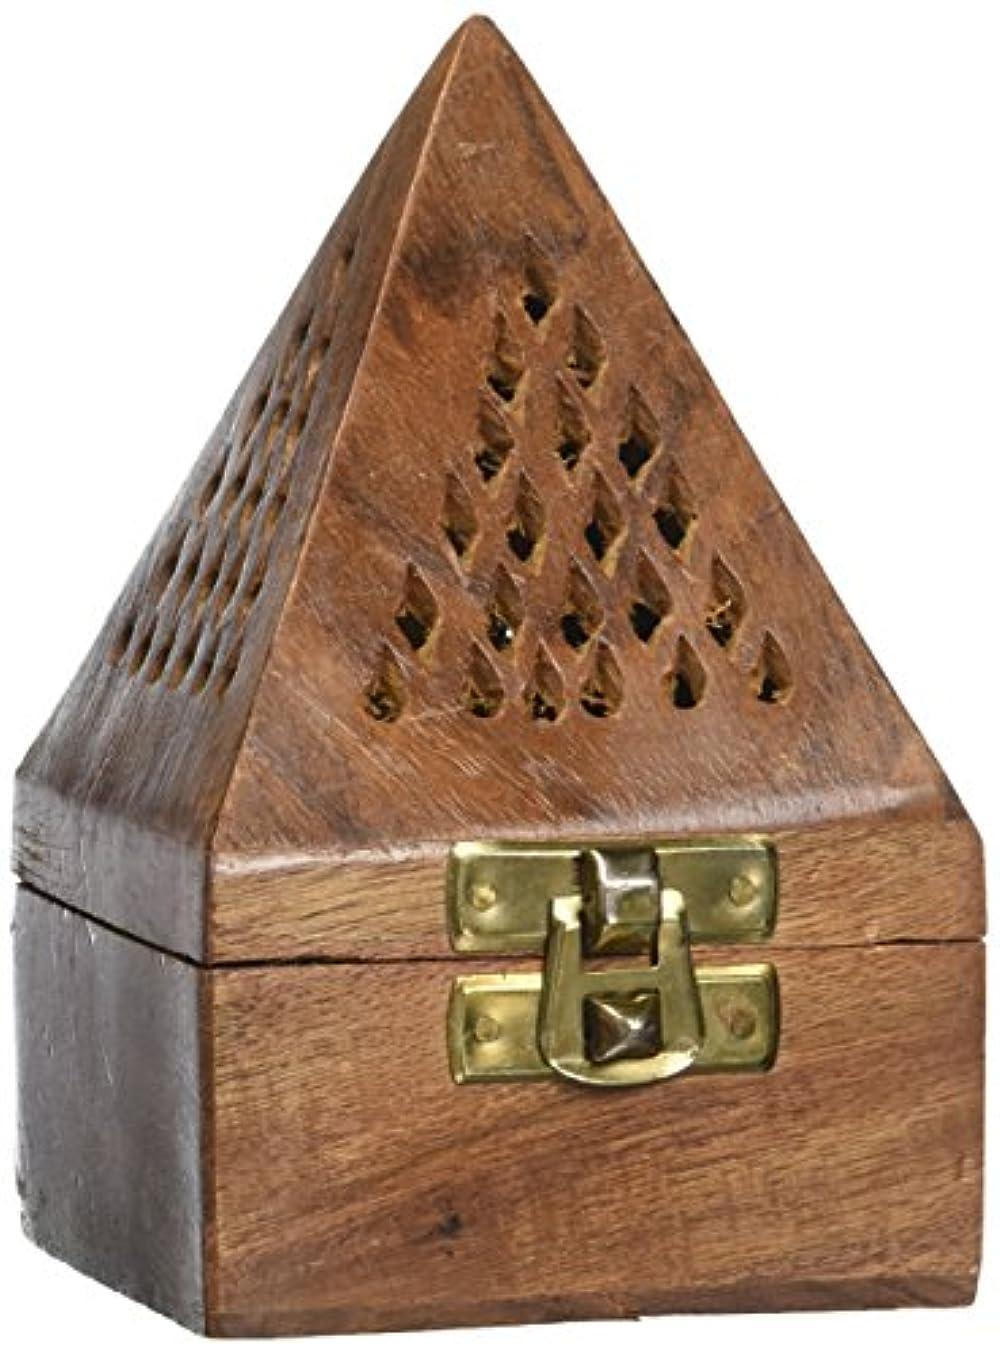 食い違い羨望休憩クリスマスまたはThanks Giving Dayギフト、木製クラシックピラミッドスタイルBurner、Dhoopホルダーwith Base正方形とトップ円錐形状Dhoopホルダー、メジャー7.5インチ